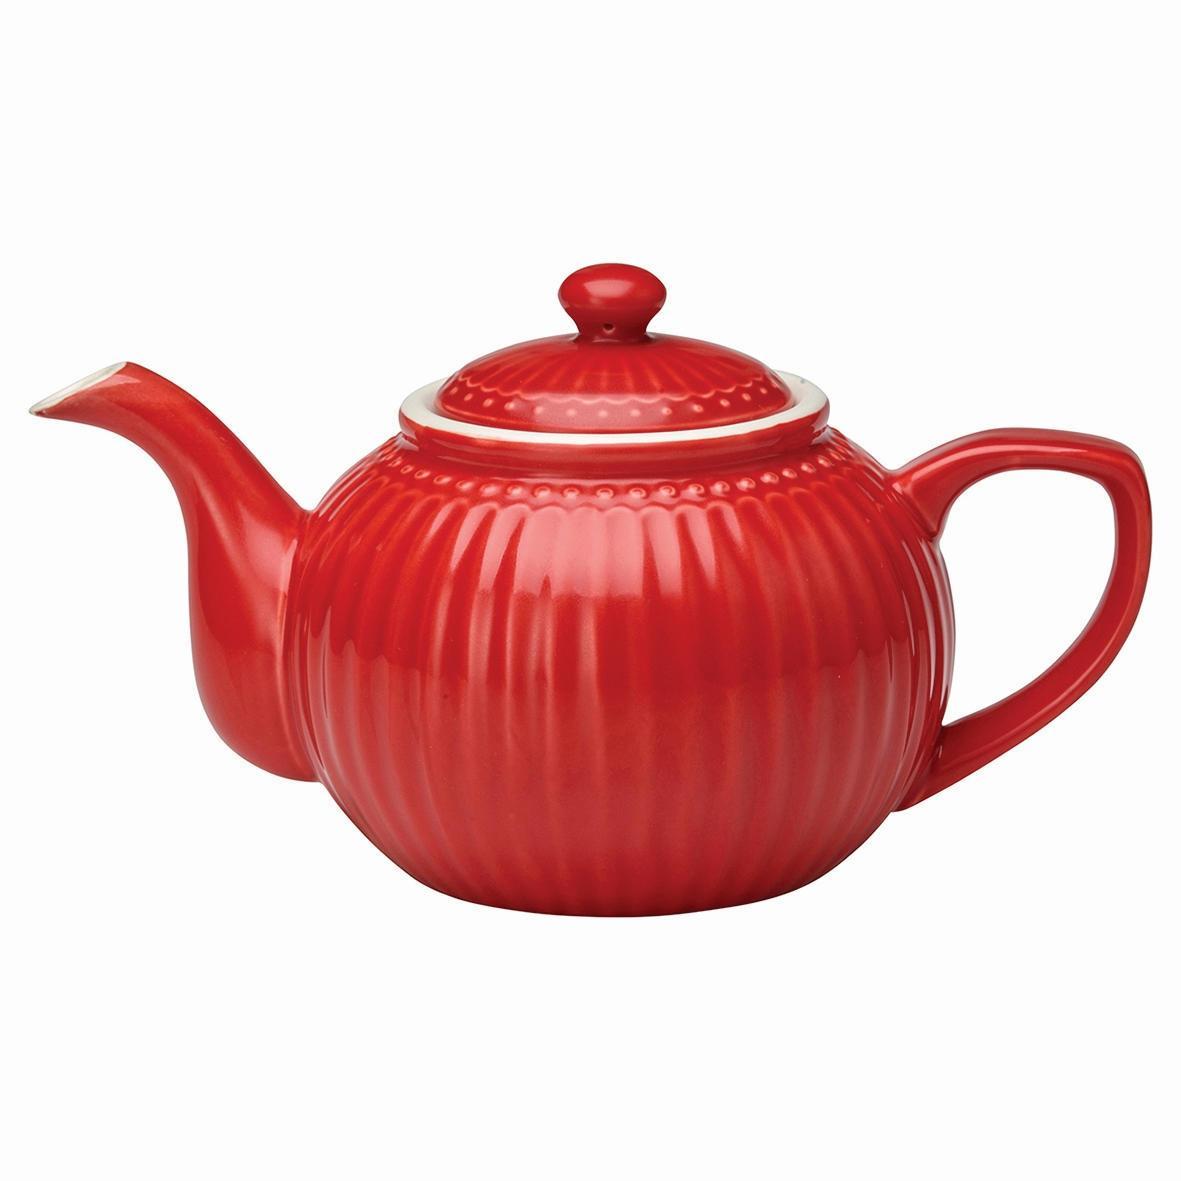 GREEN GATE Čajová konvice Alice red, červená barva, porcelán